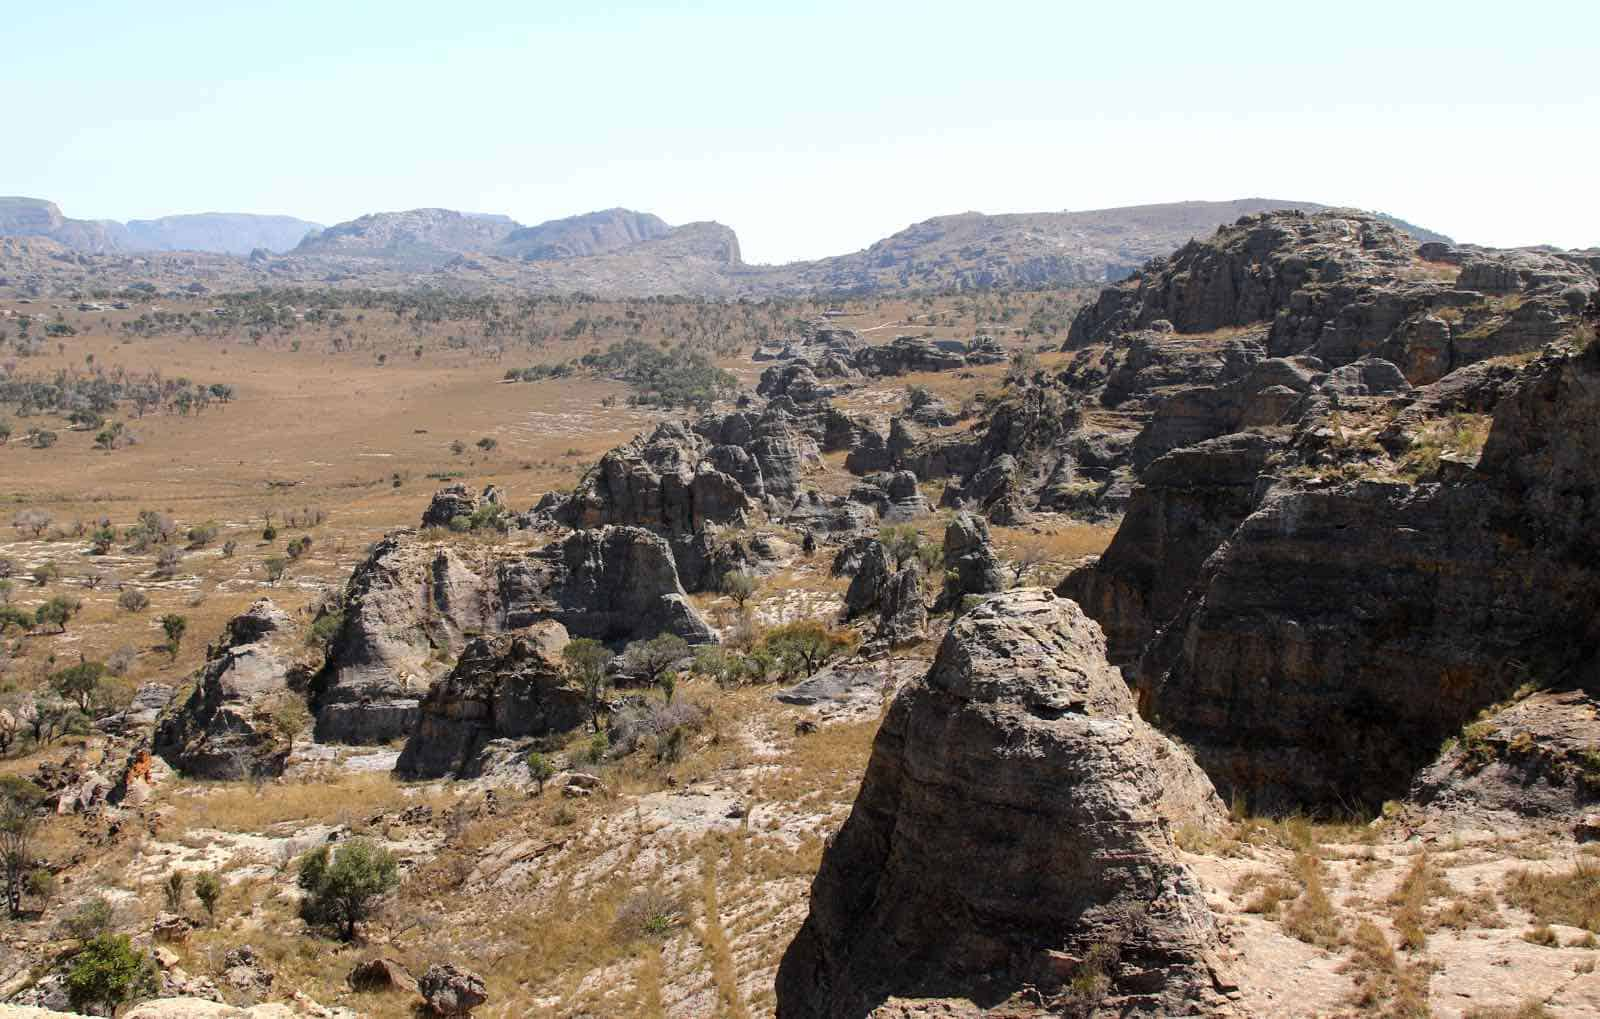 Naturrejse til Madagaskar